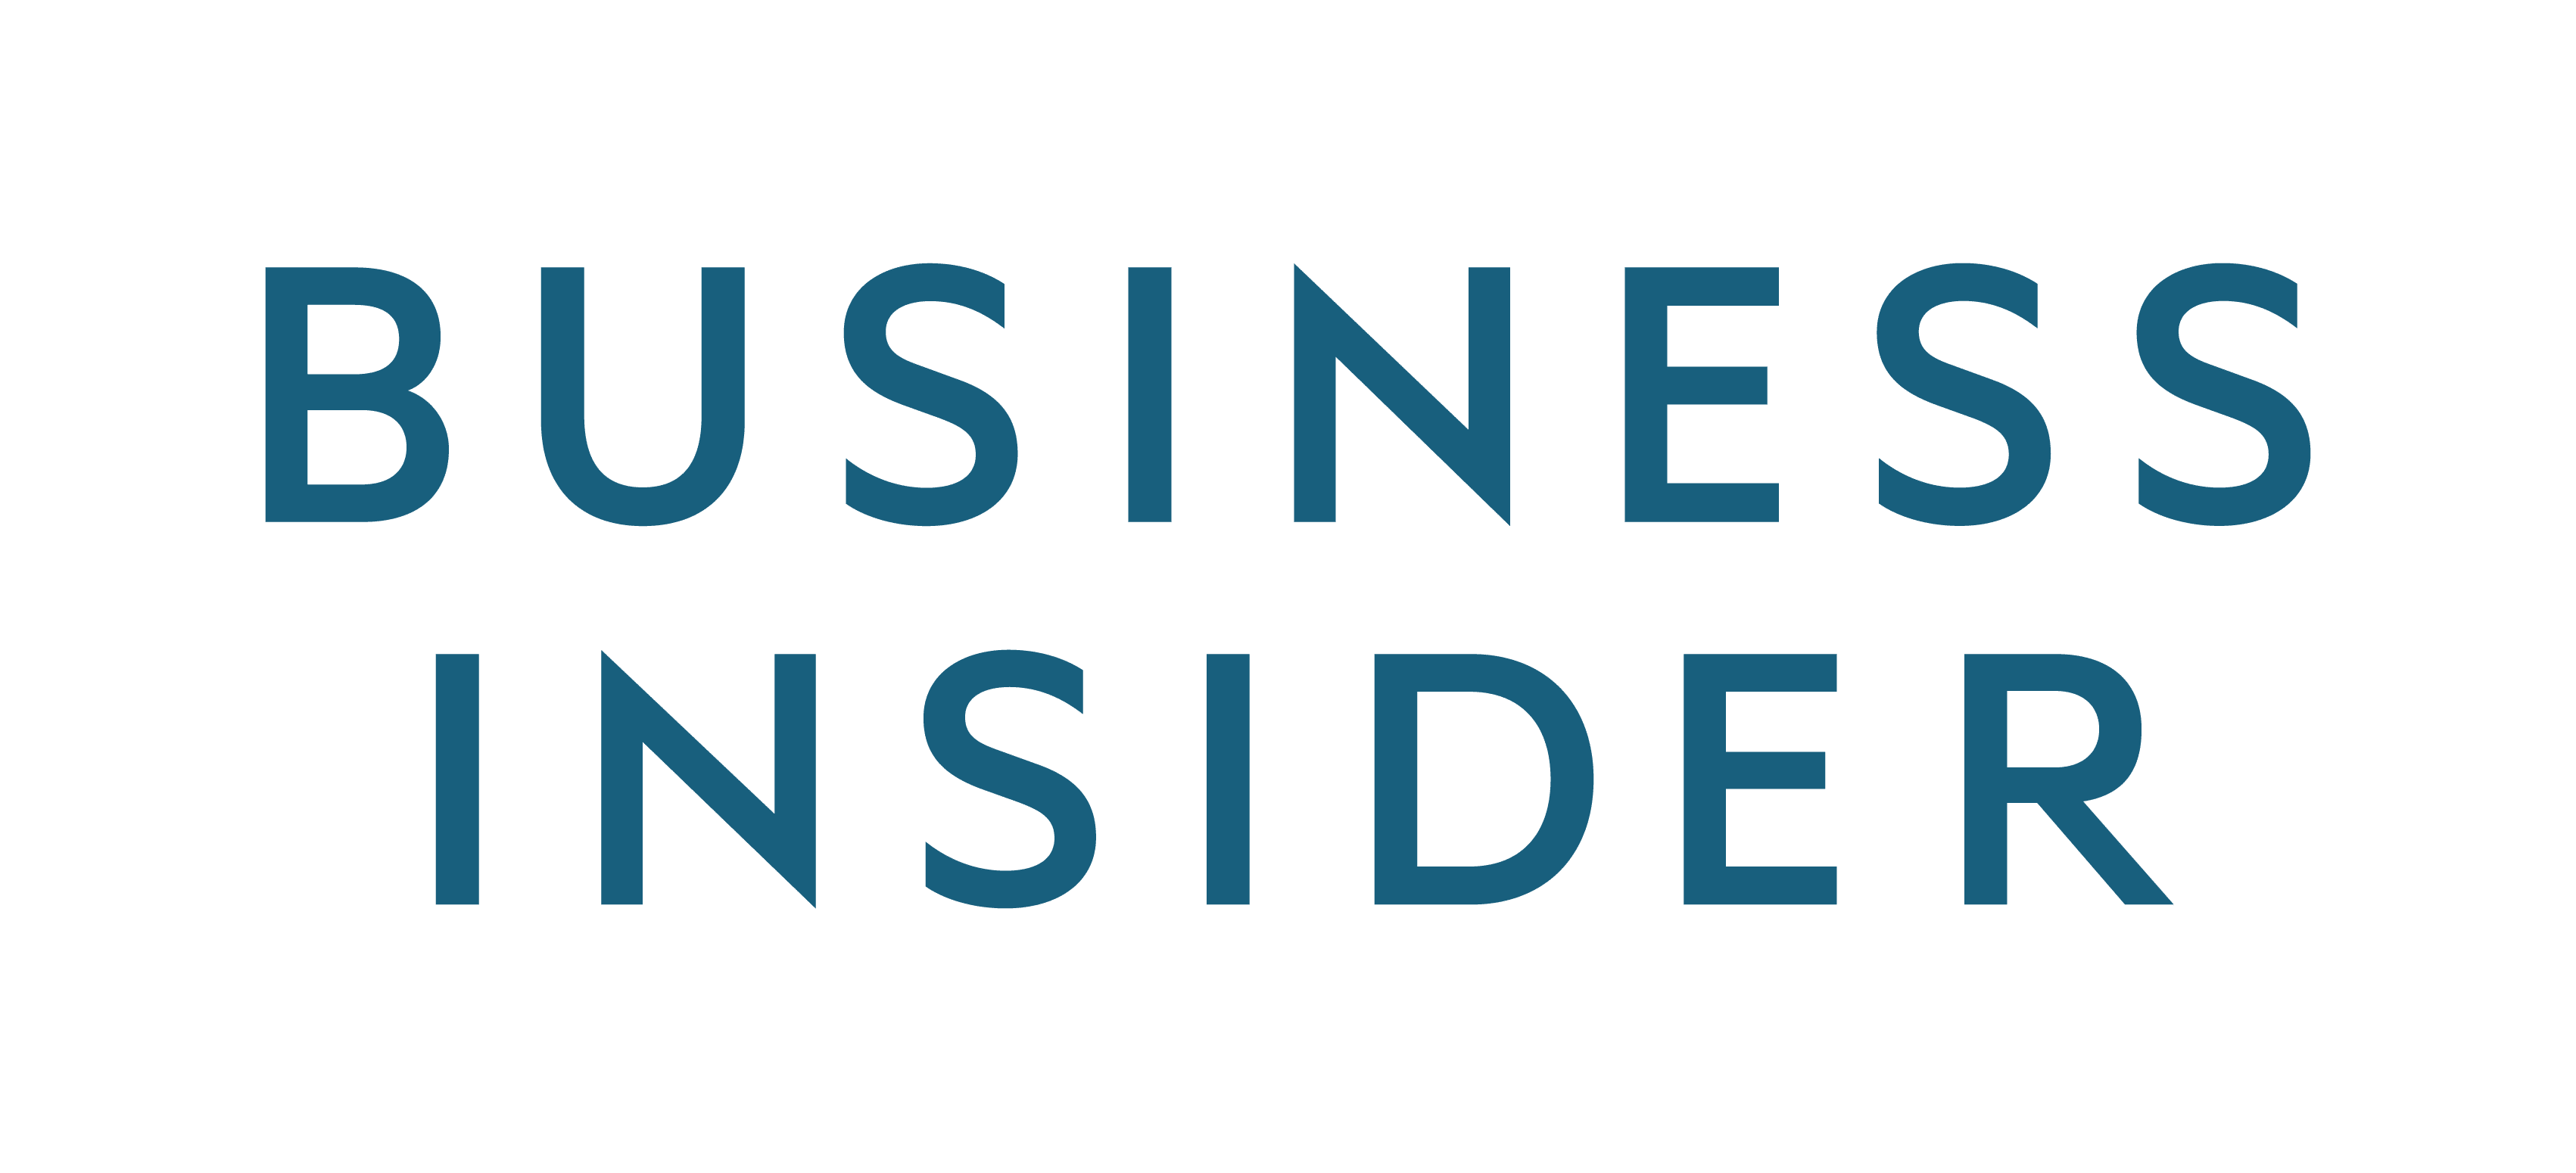 Businessinsider Light Background Color Vertical